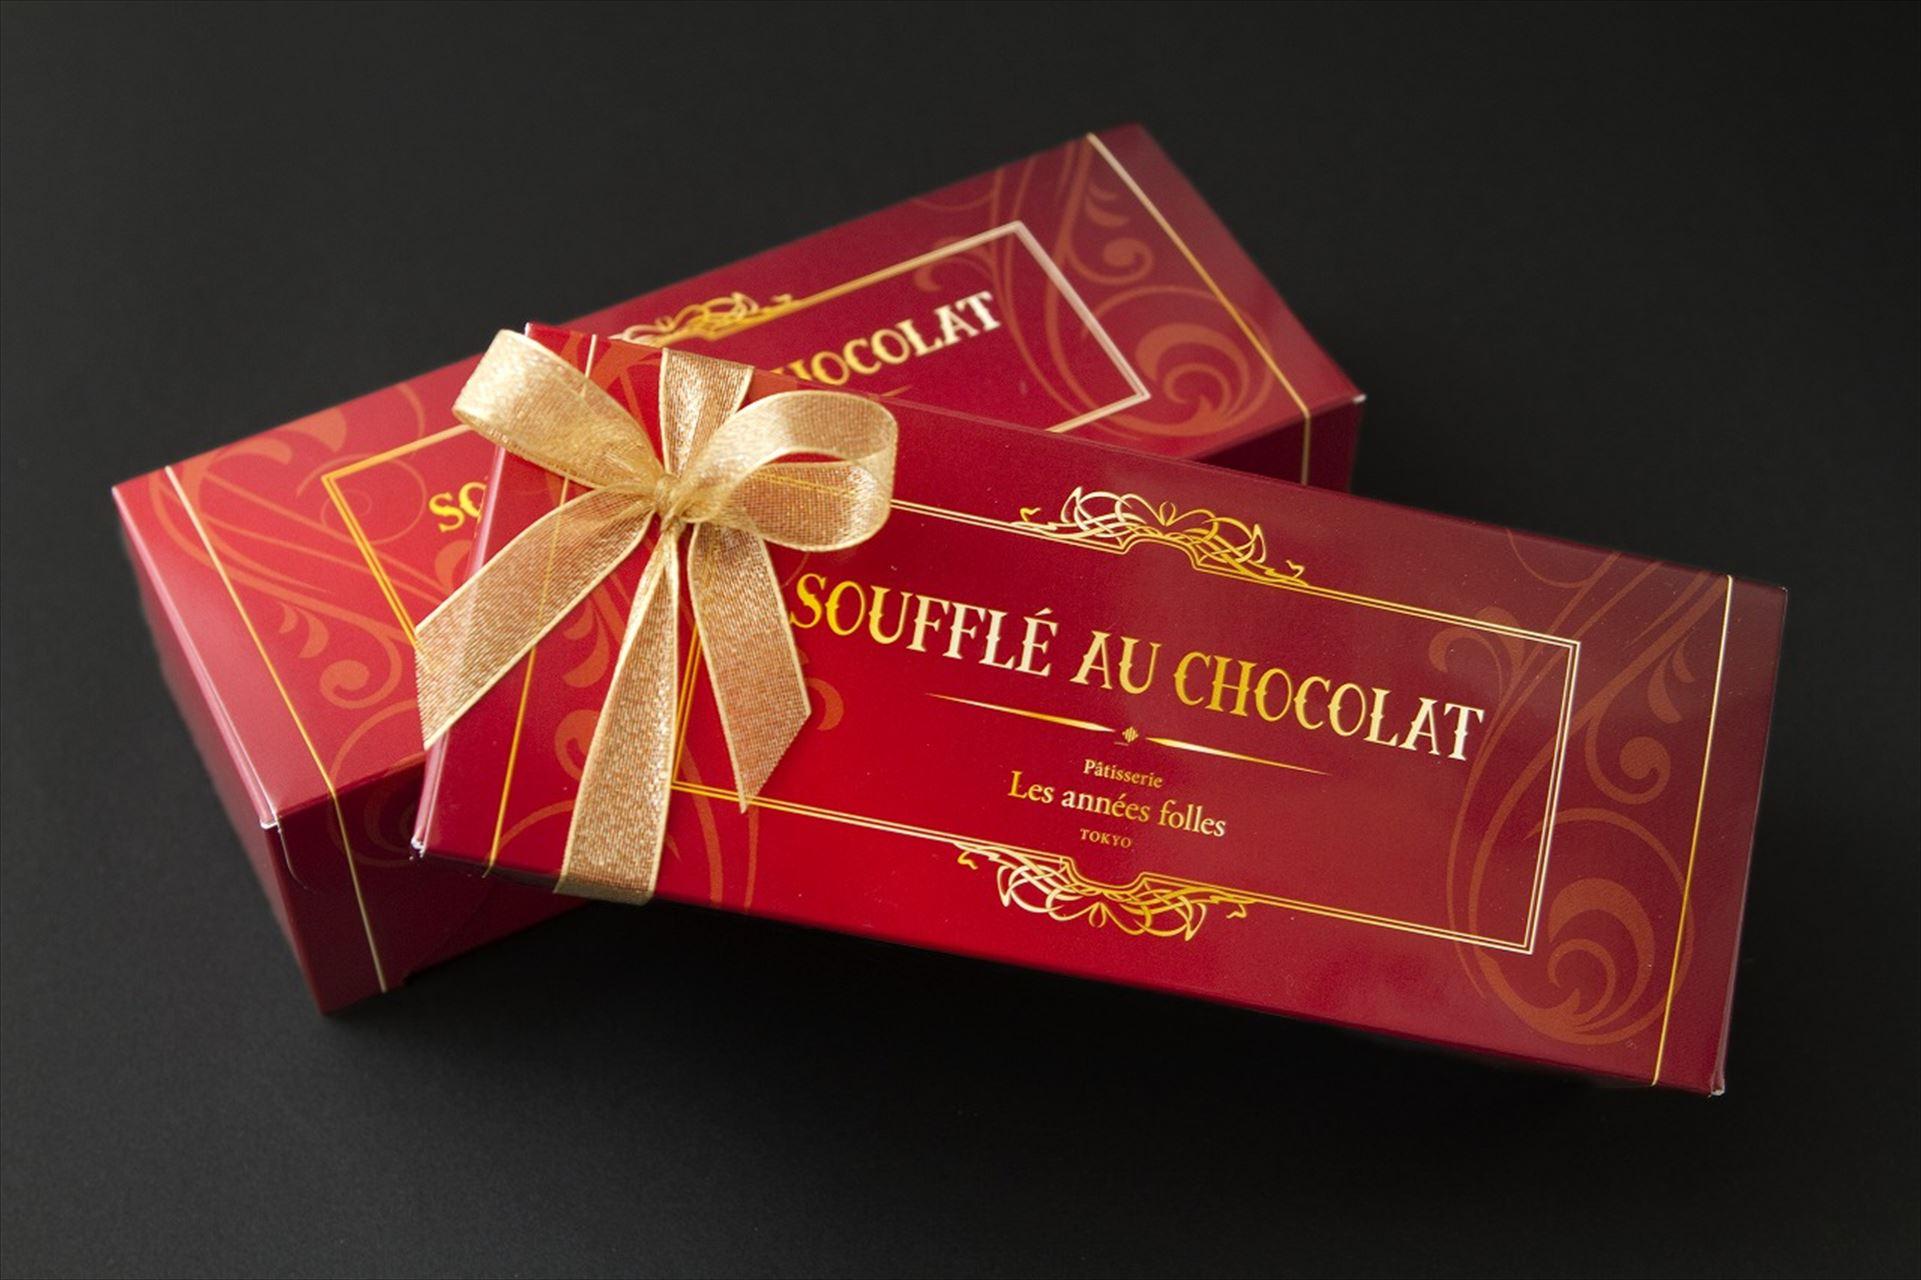 大人気!濃厚チョコスフレケーキ「スフレ・オ・ショコラ」がお取り寄せ可能に